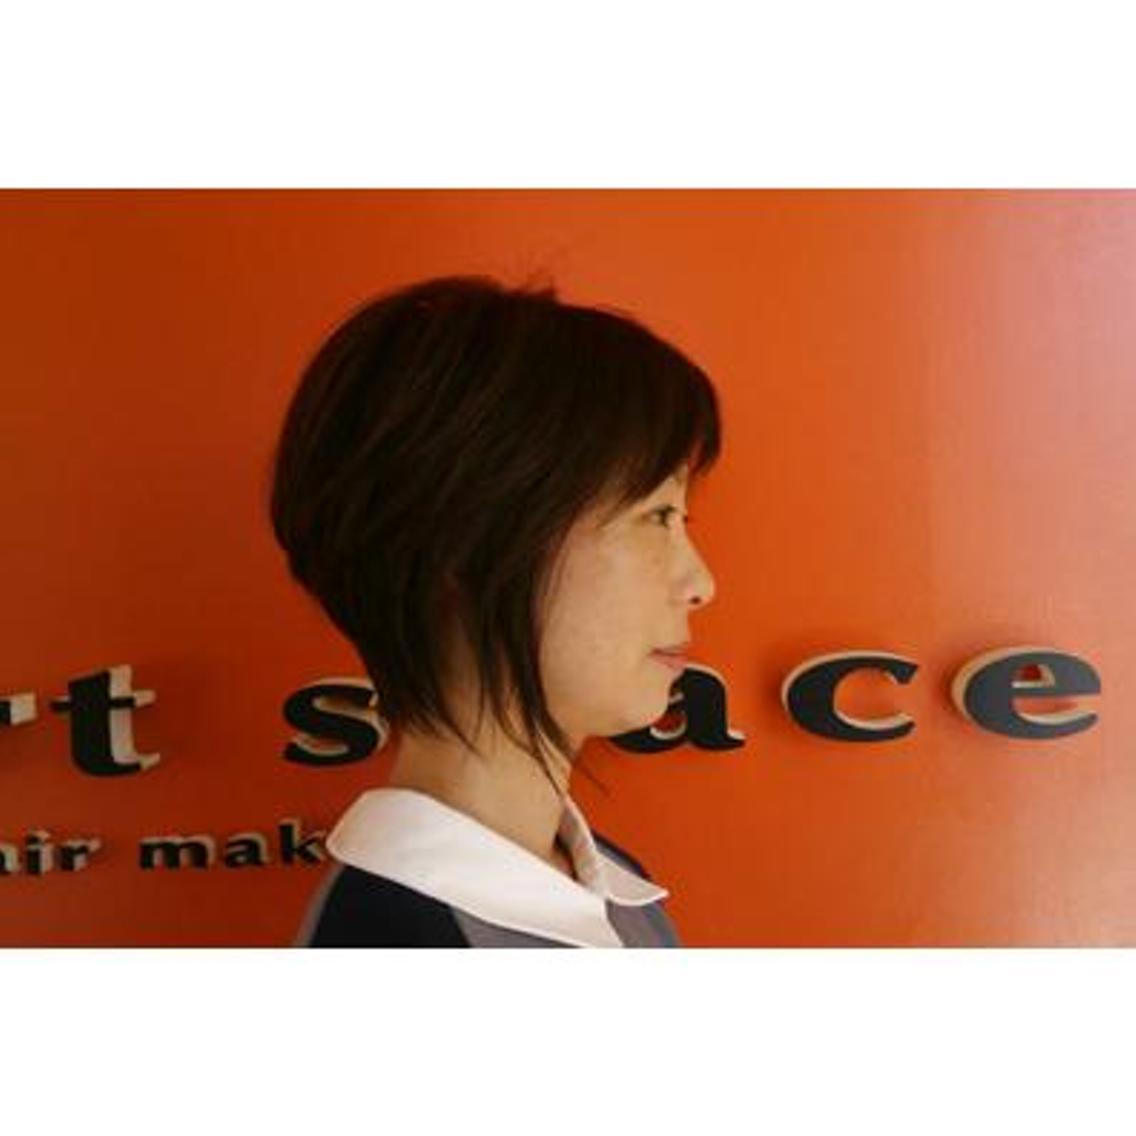 モテ・愛されイメージが得意です٩(ٌ´0`ٌ)۶.*・゚『ide art space CENTRAL』わがままかなえます*:.+♬